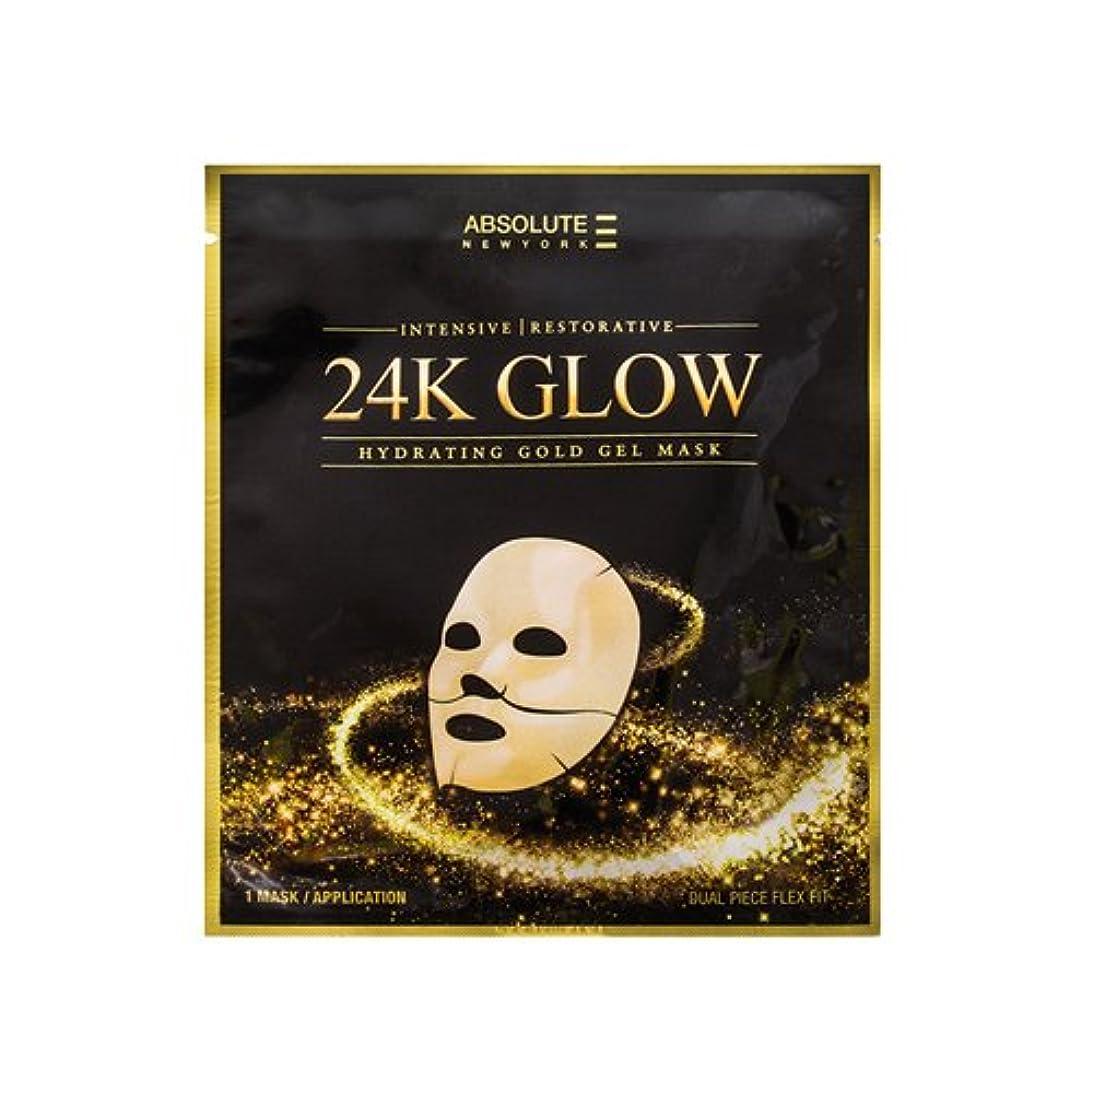 ロビーラジウムエンドウ(3 Pack) Absolute 24K Glow Gold Gel Mask (並行輸入品)